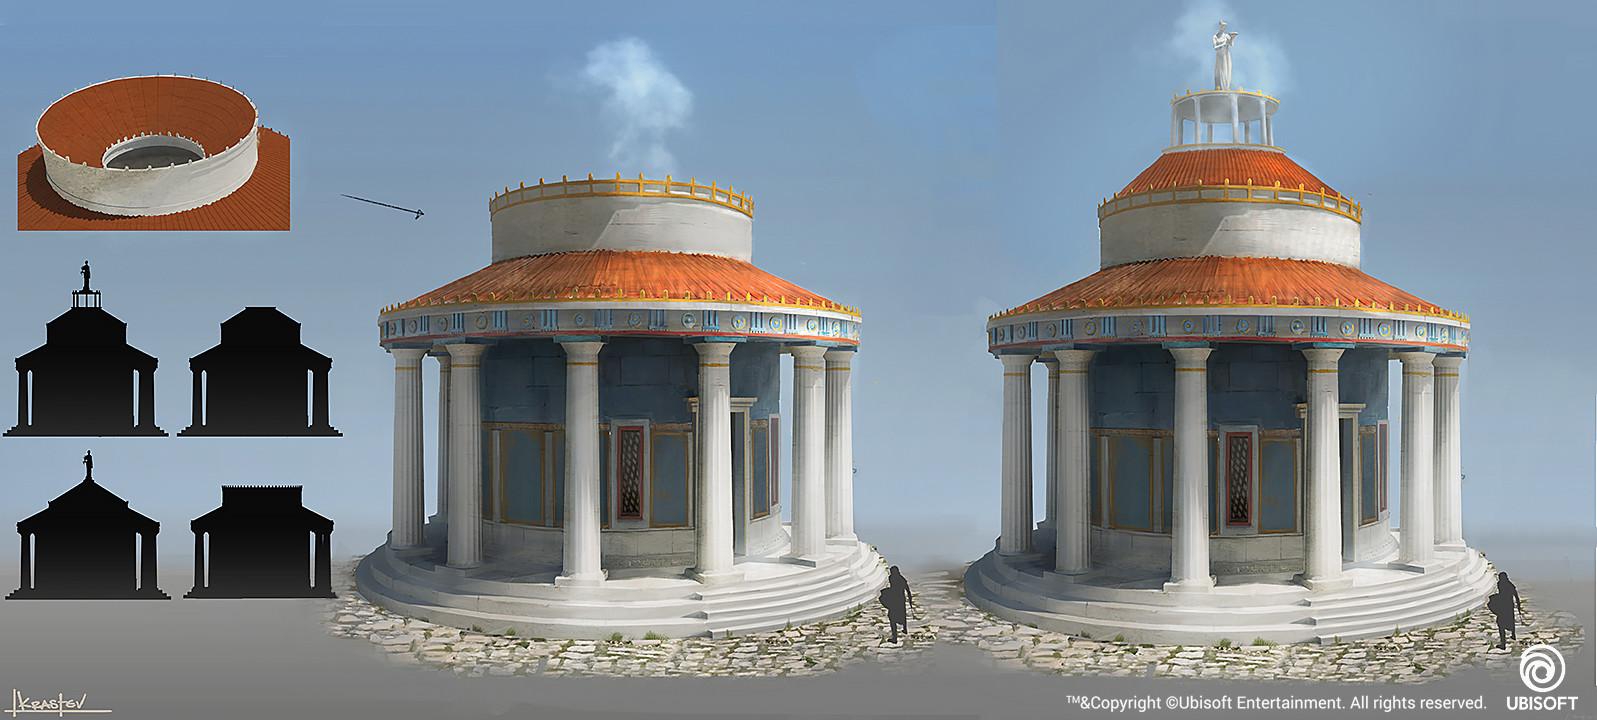 Tsvetelin krastev ace env cyrene battus mausoleum 3a tsvetelinkrastev